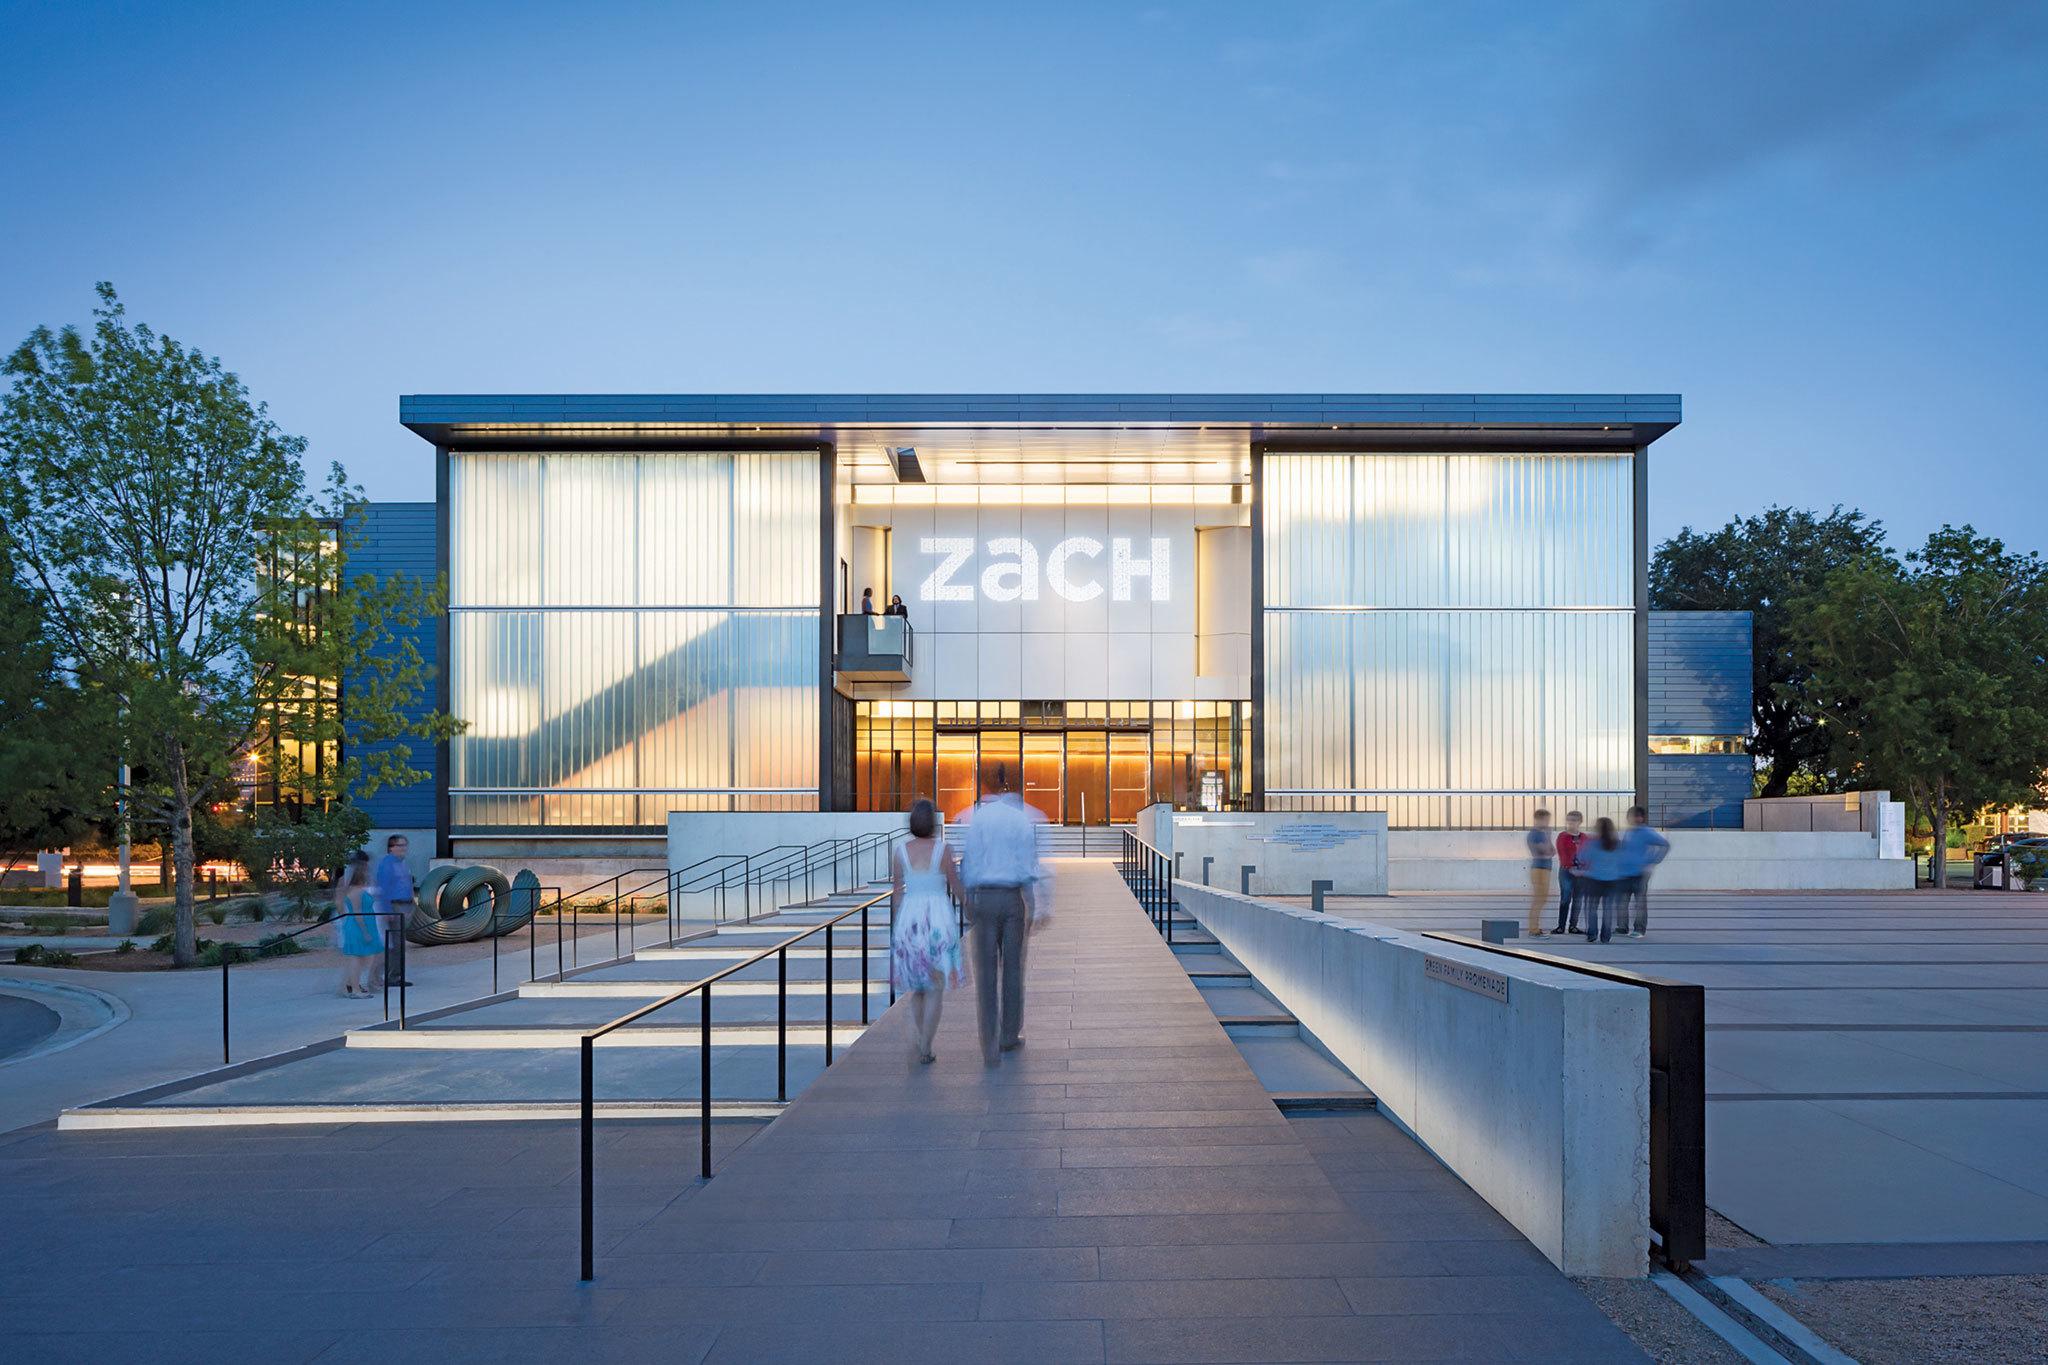 ZACH Theatre announces its 85th Diamond Anniversary Season